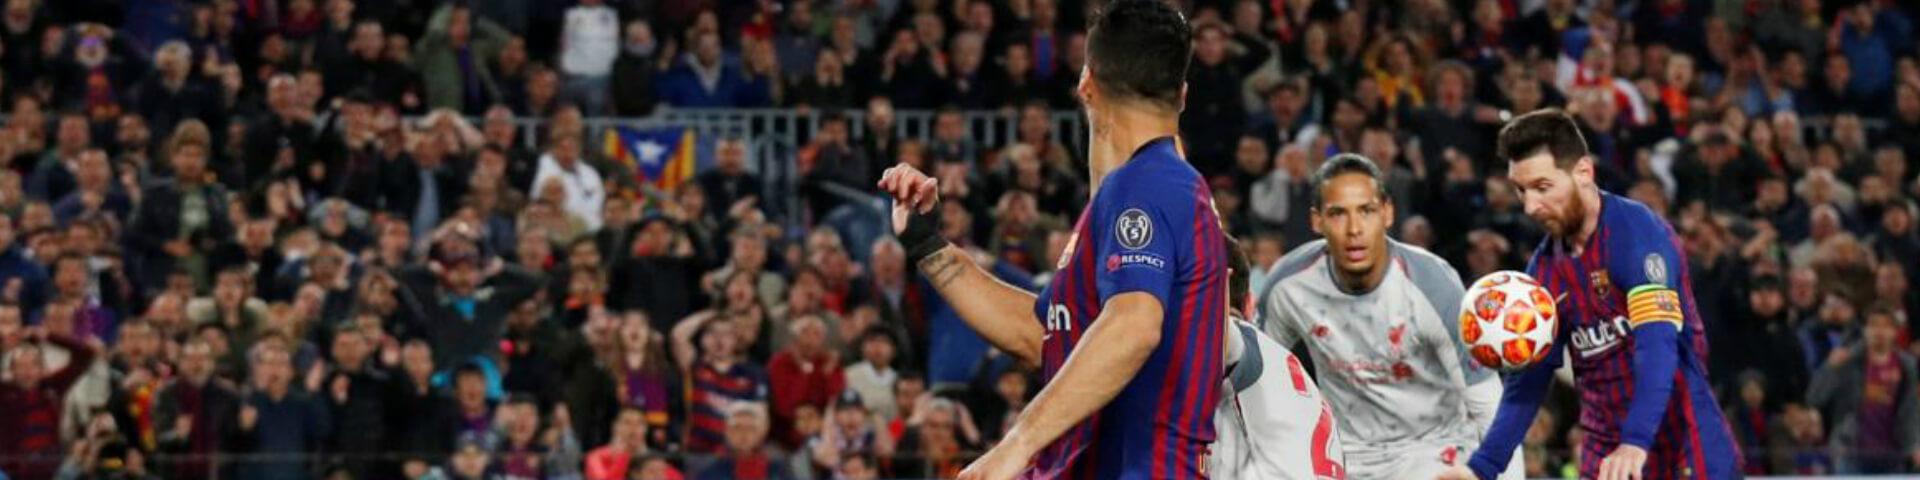 «Барселона» разгромила «Ливерпуль» в полуфинале ЛЧ